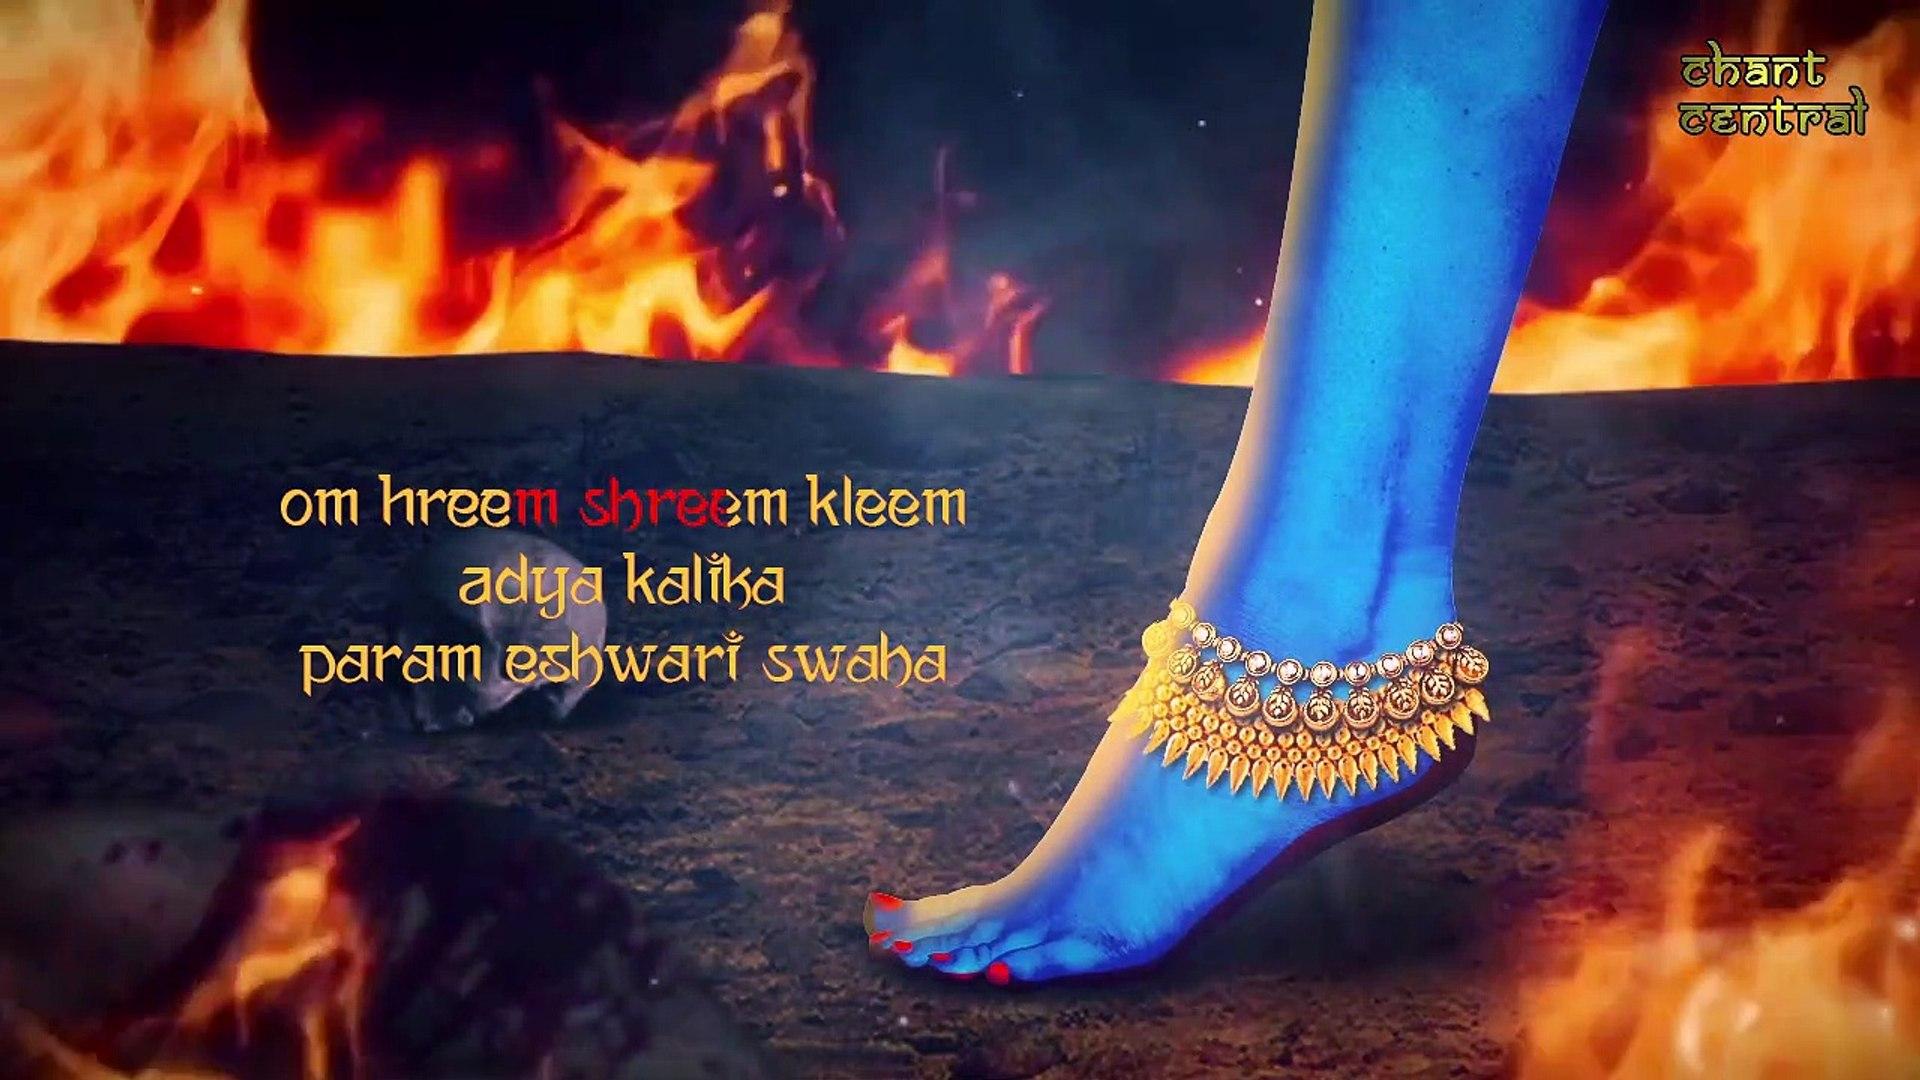 Hreem shreem mantra